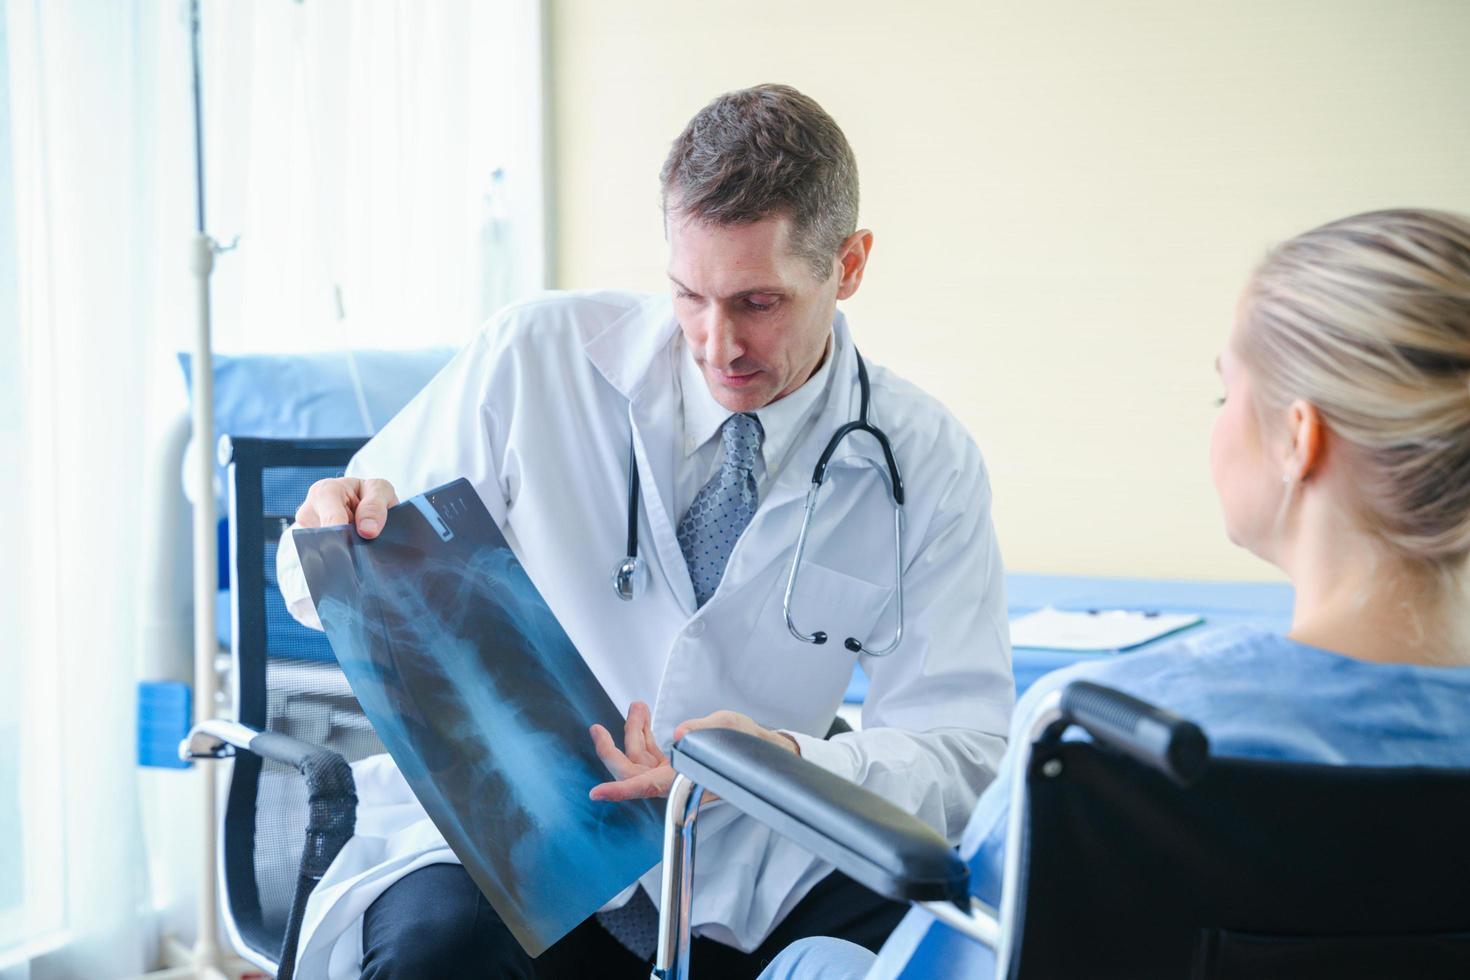 läkaren visar och förklarar röntgenresultat till patienten i kliniken. foto